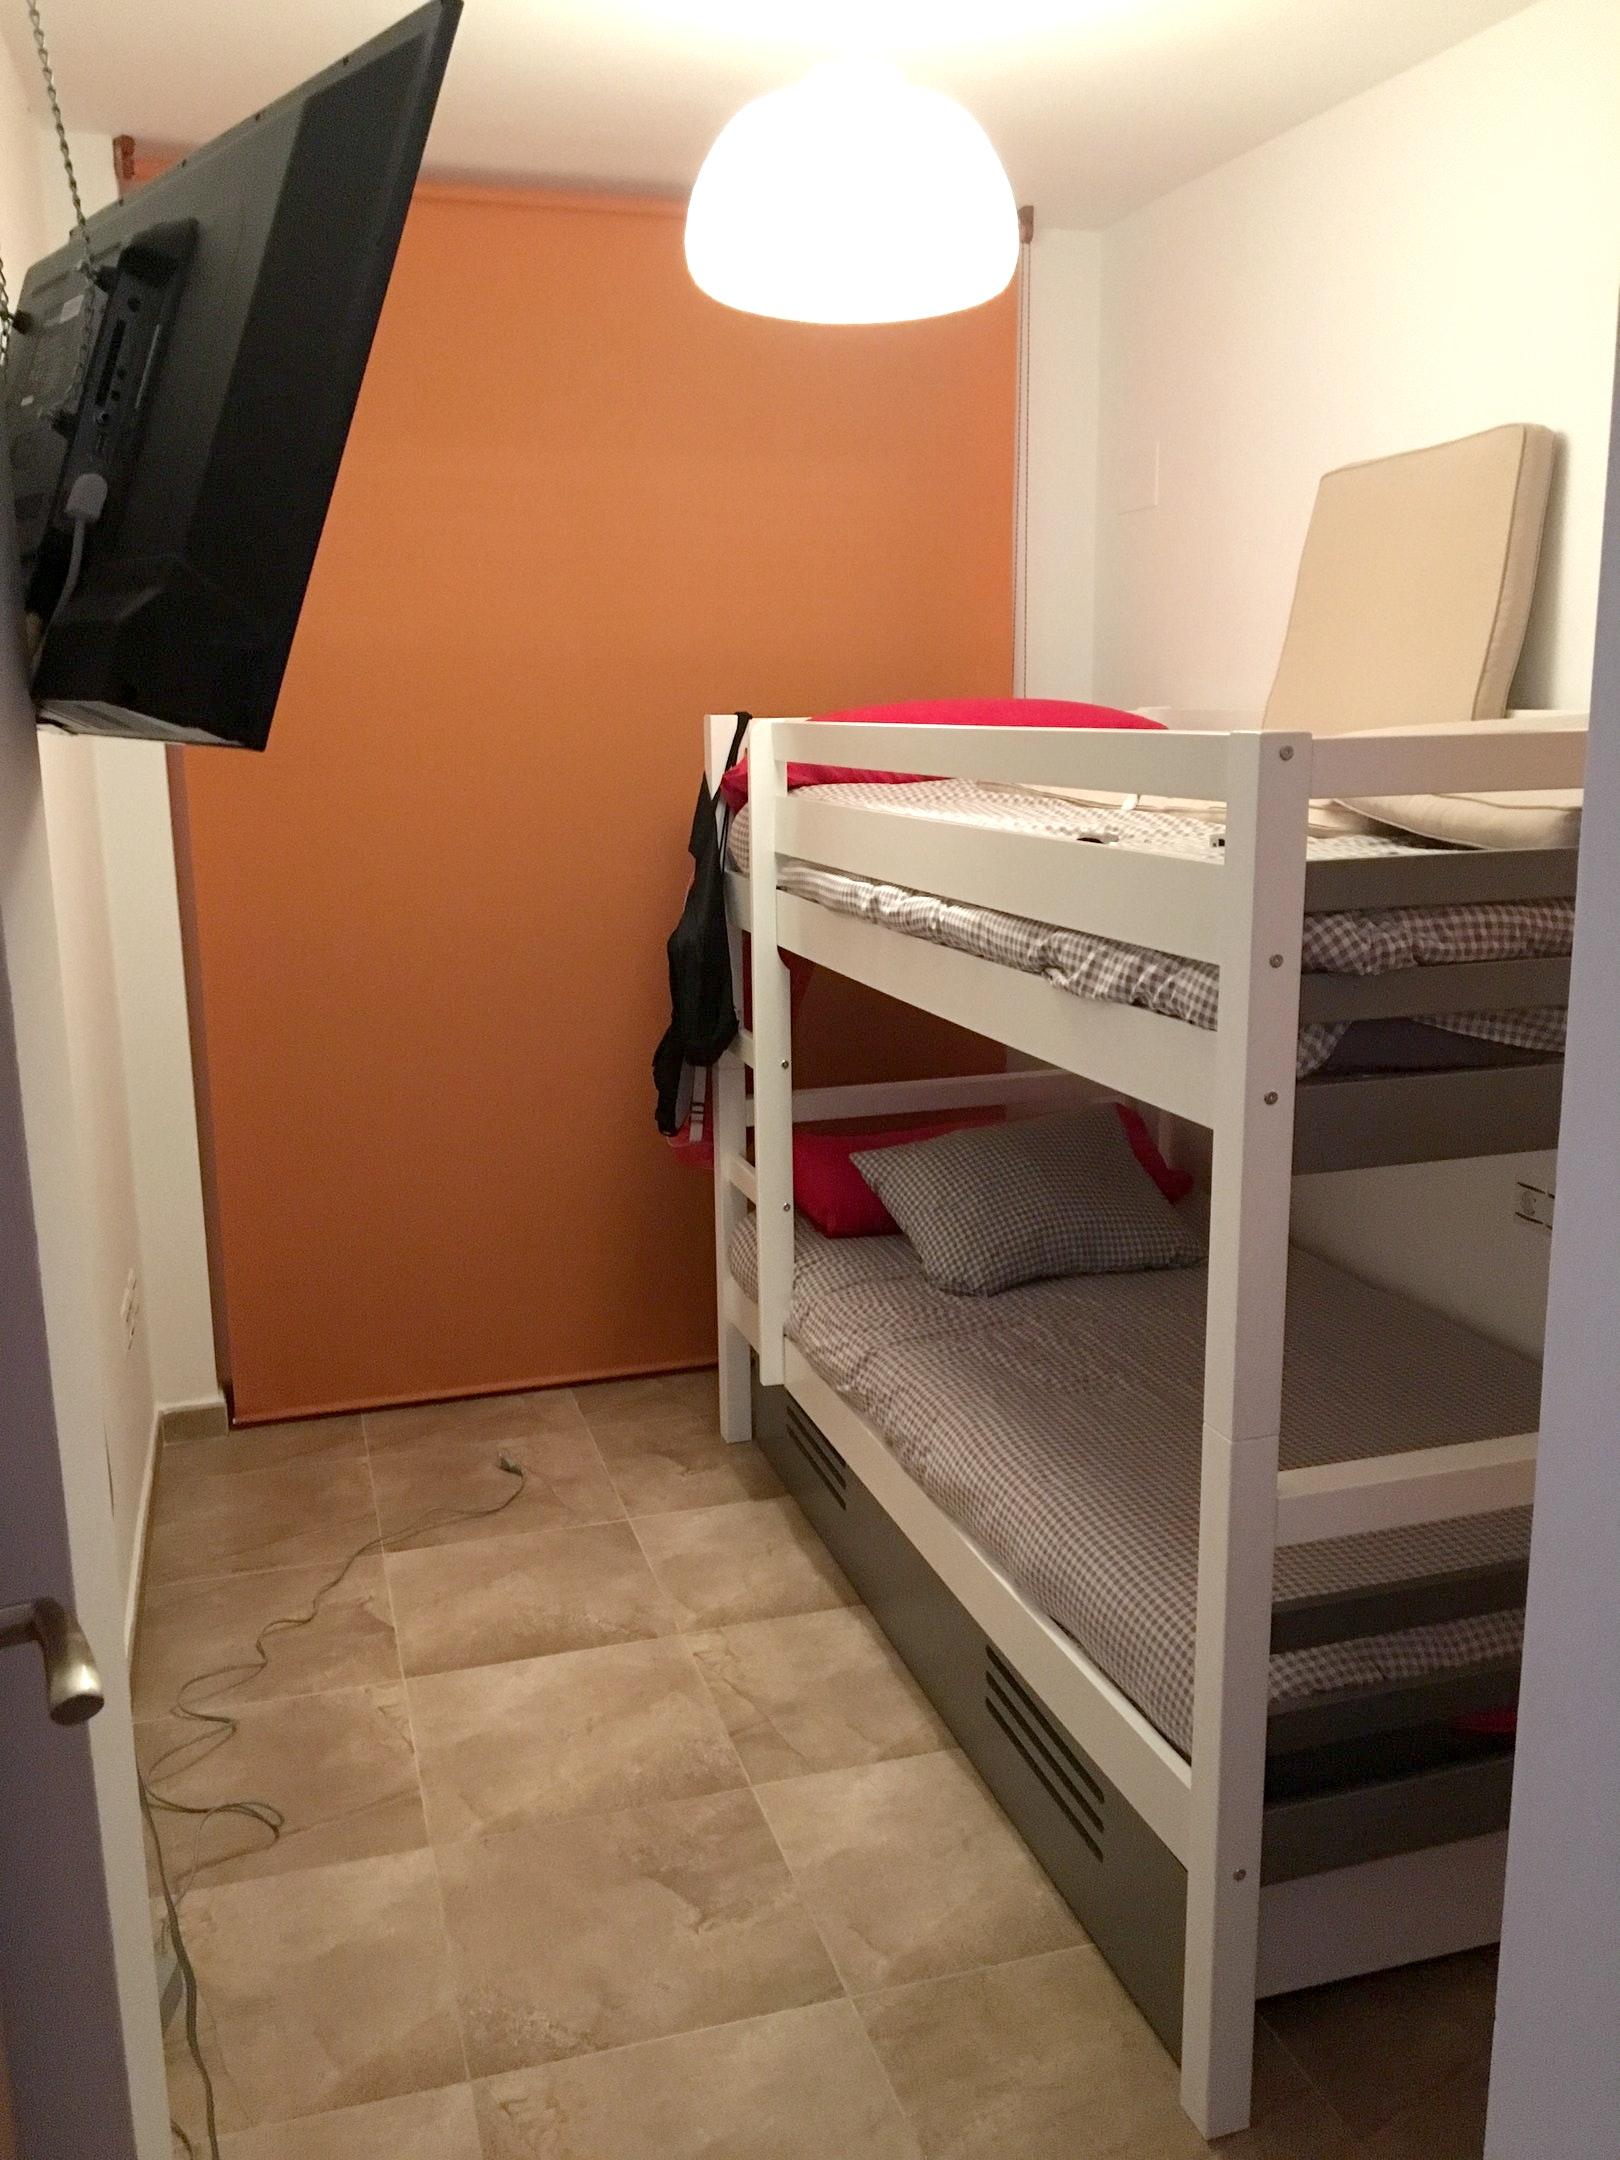 Ferienwohnung Wohnung mit 2 Schlafzimmern in San Jordi mit Pool, möblierter Terrasse und W-LAN - 25 km v (2218181), San Jorge, Provinz Castellón, Valencia, Spanien, Bild 10